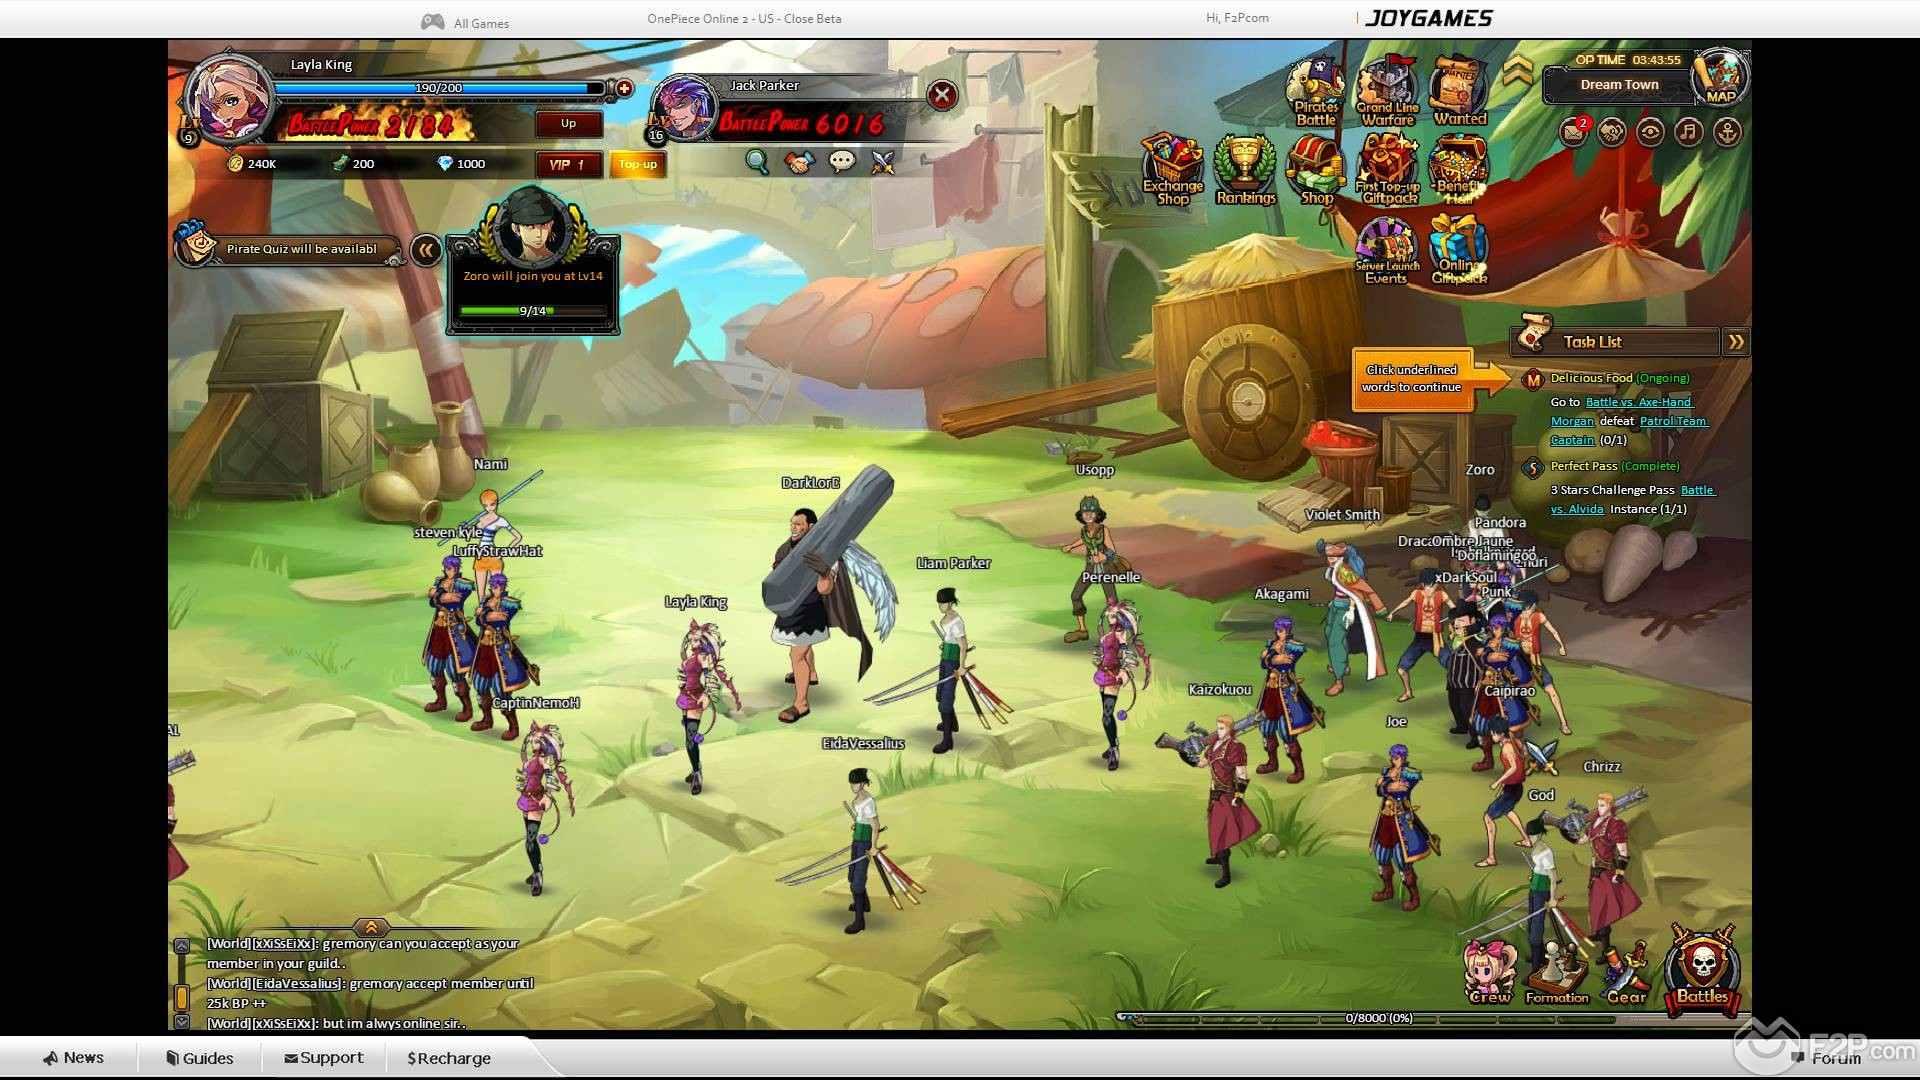 d04d51404ff ... One Piece Online 2: Pirate King screenshot 8 ...